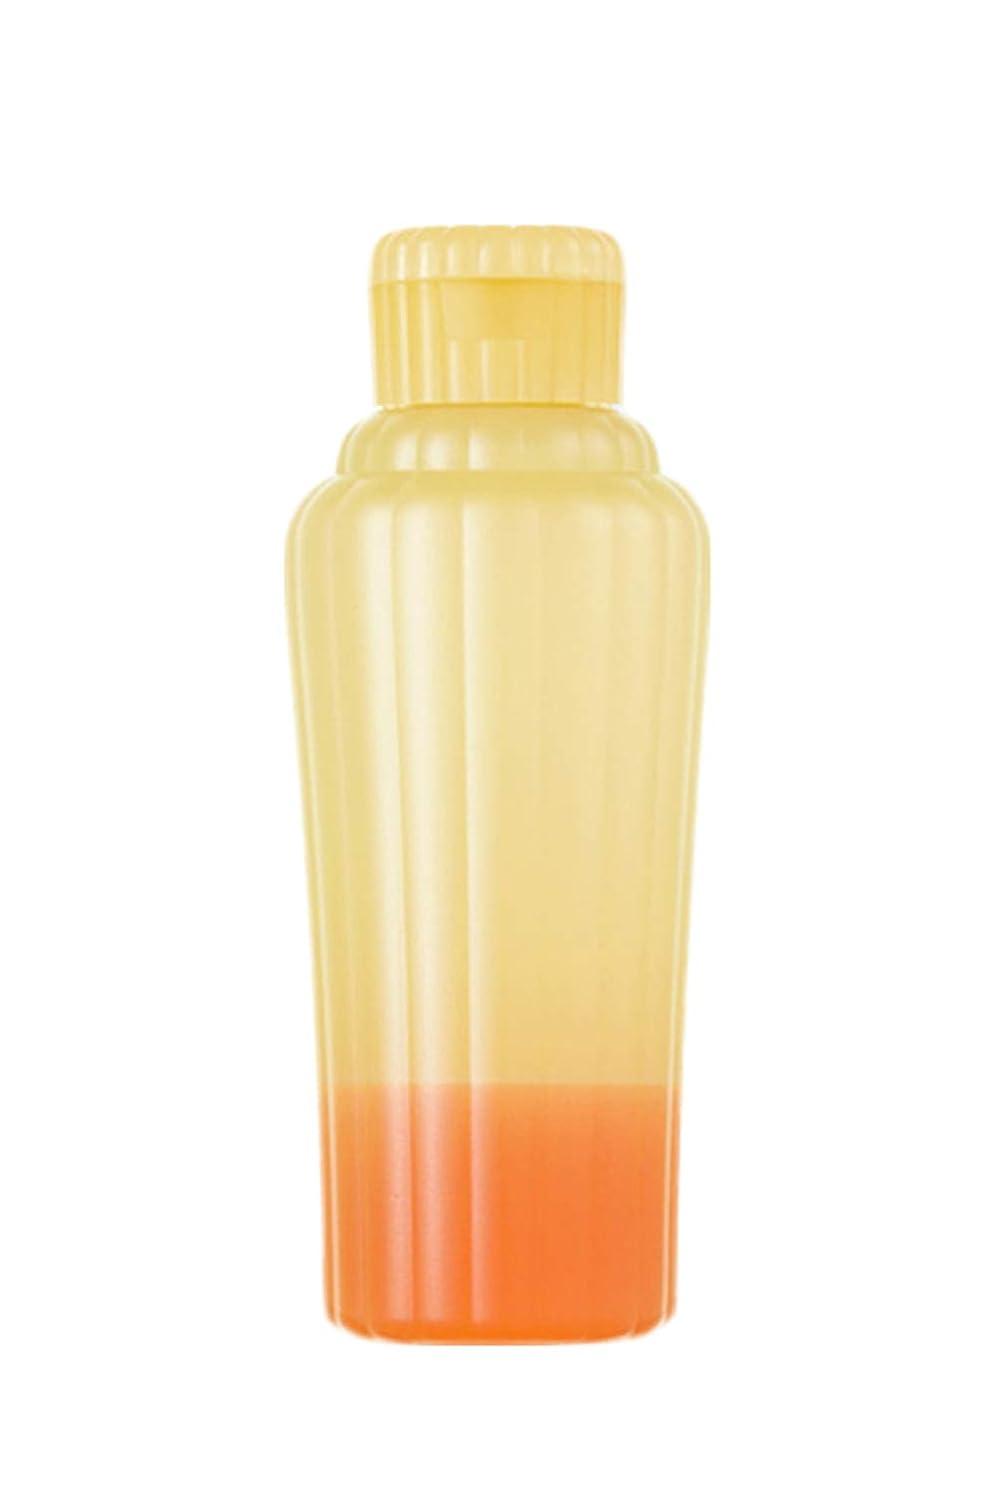 楽しませる計画的祭りアユーラ (AYURA) ウェルバランス ナイトリートバス 300mL 〈浴用 入浴剤〉 うるおい スキンケア アロマティックハーブの香り